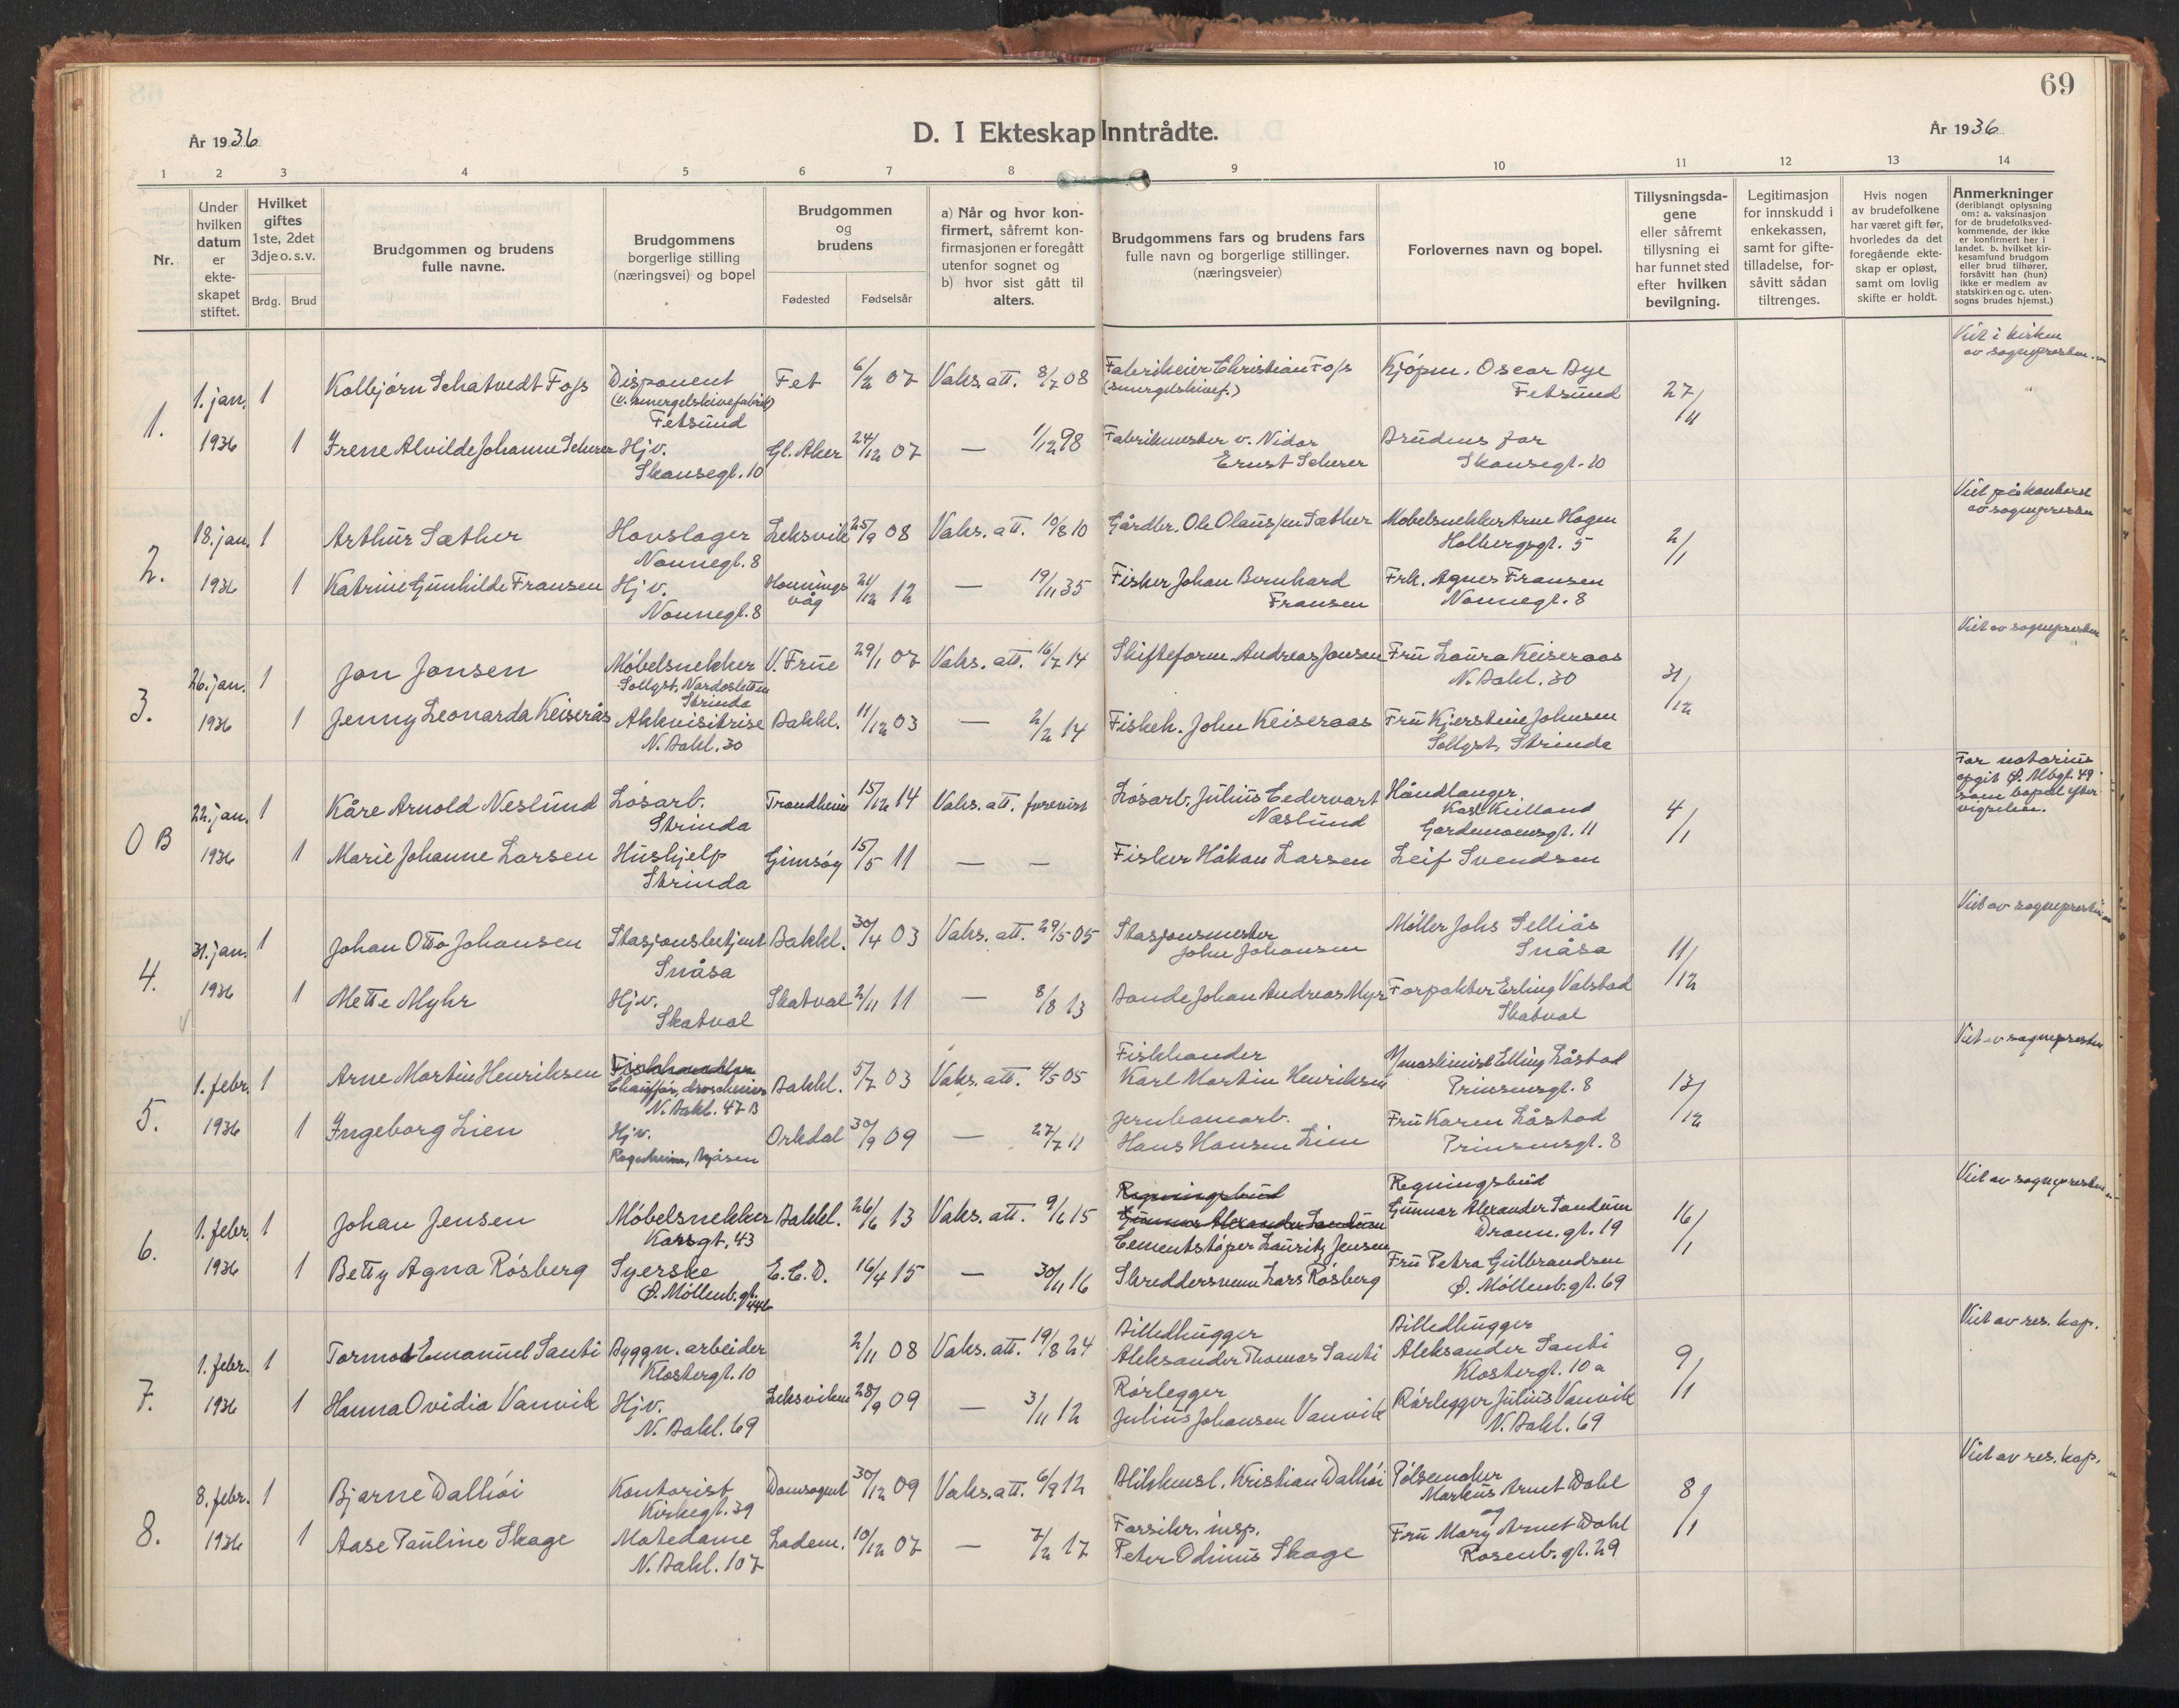 SAT, Ministerialprotokoller, klokkerbøker og fødselsregistre - Sør-Trøndelag, 604/L0209: Ministerialbok nr. 604A29, 1931-1945, s. 69